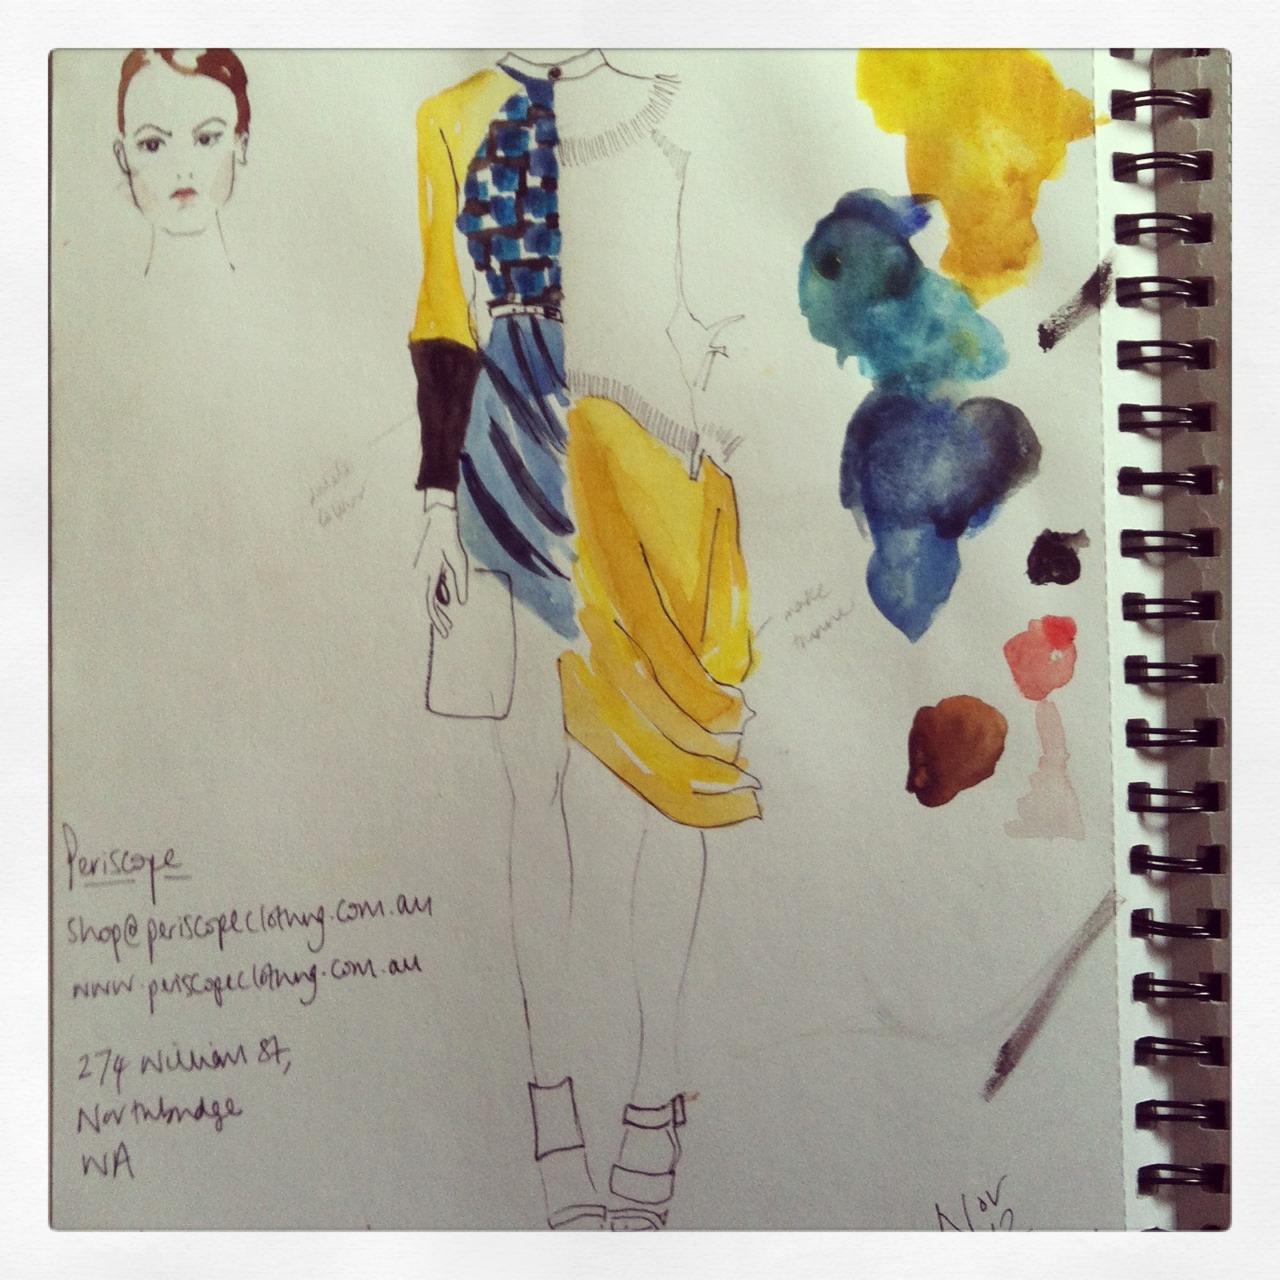 Sketchbook work from Australia #sketchbook